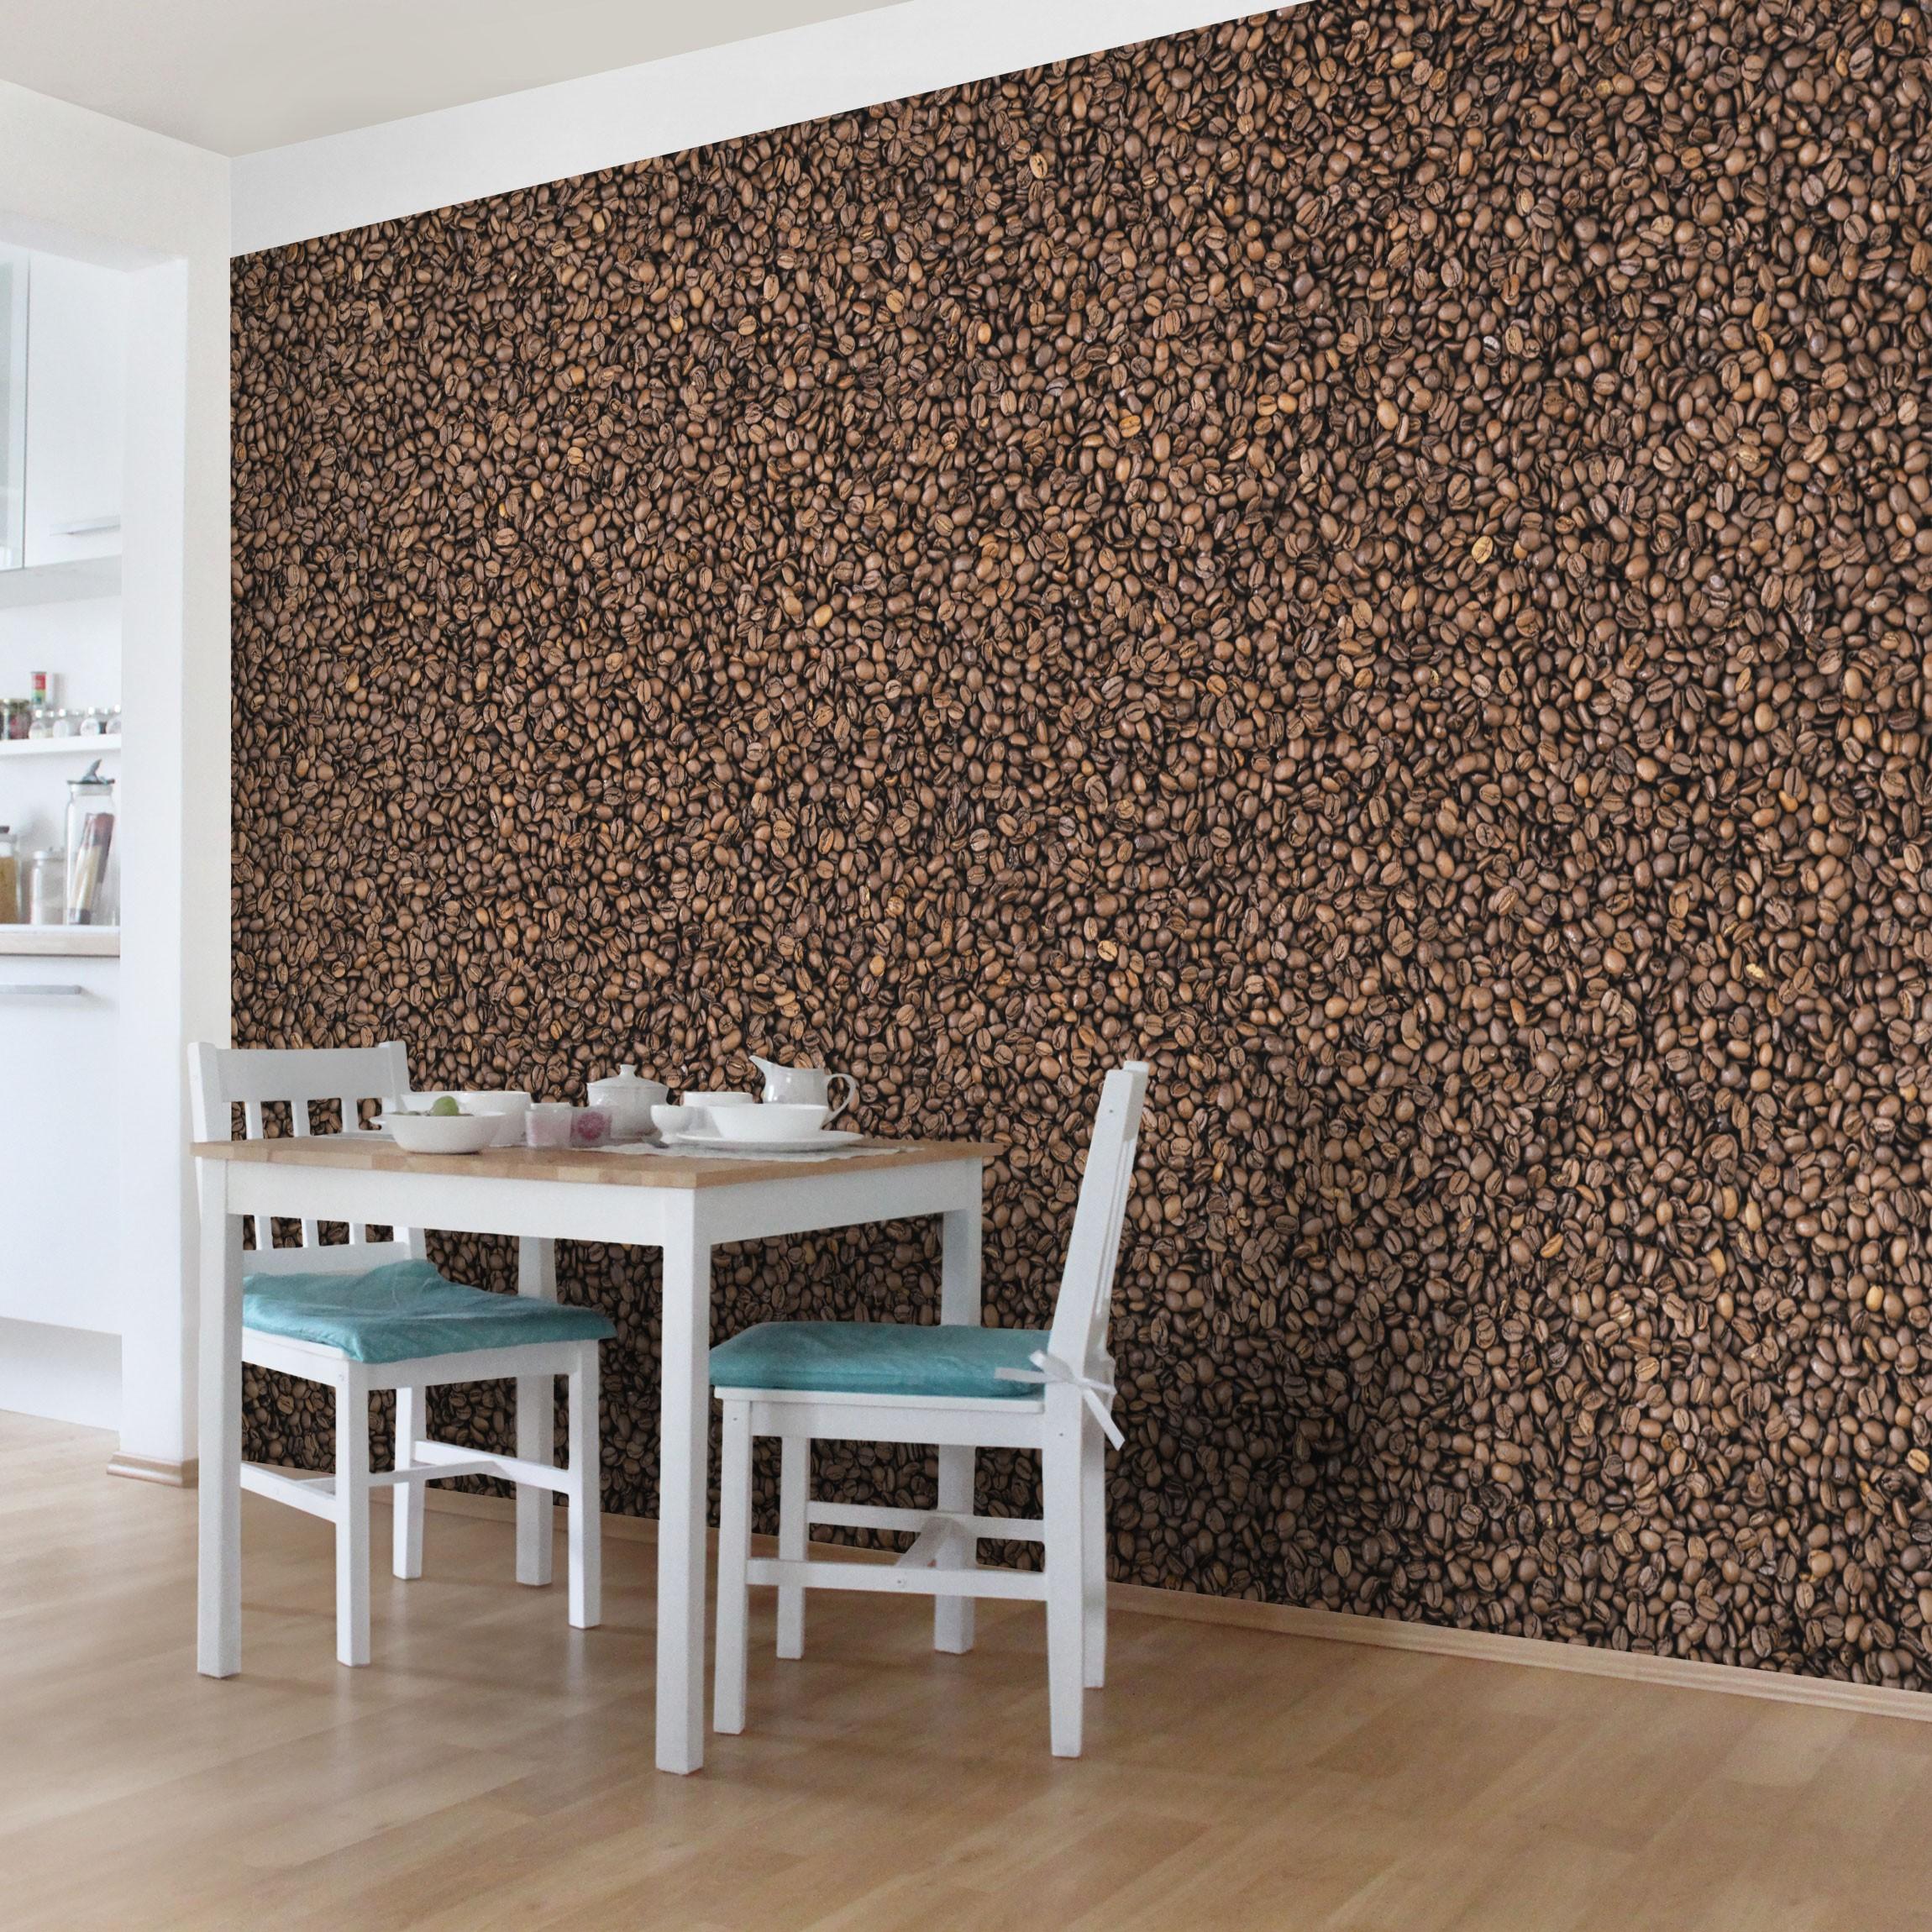 Full Size of Vliestapete Kchentapete Sea Of Coffee Fototapete Breit Wohnzimmer Küchentapete